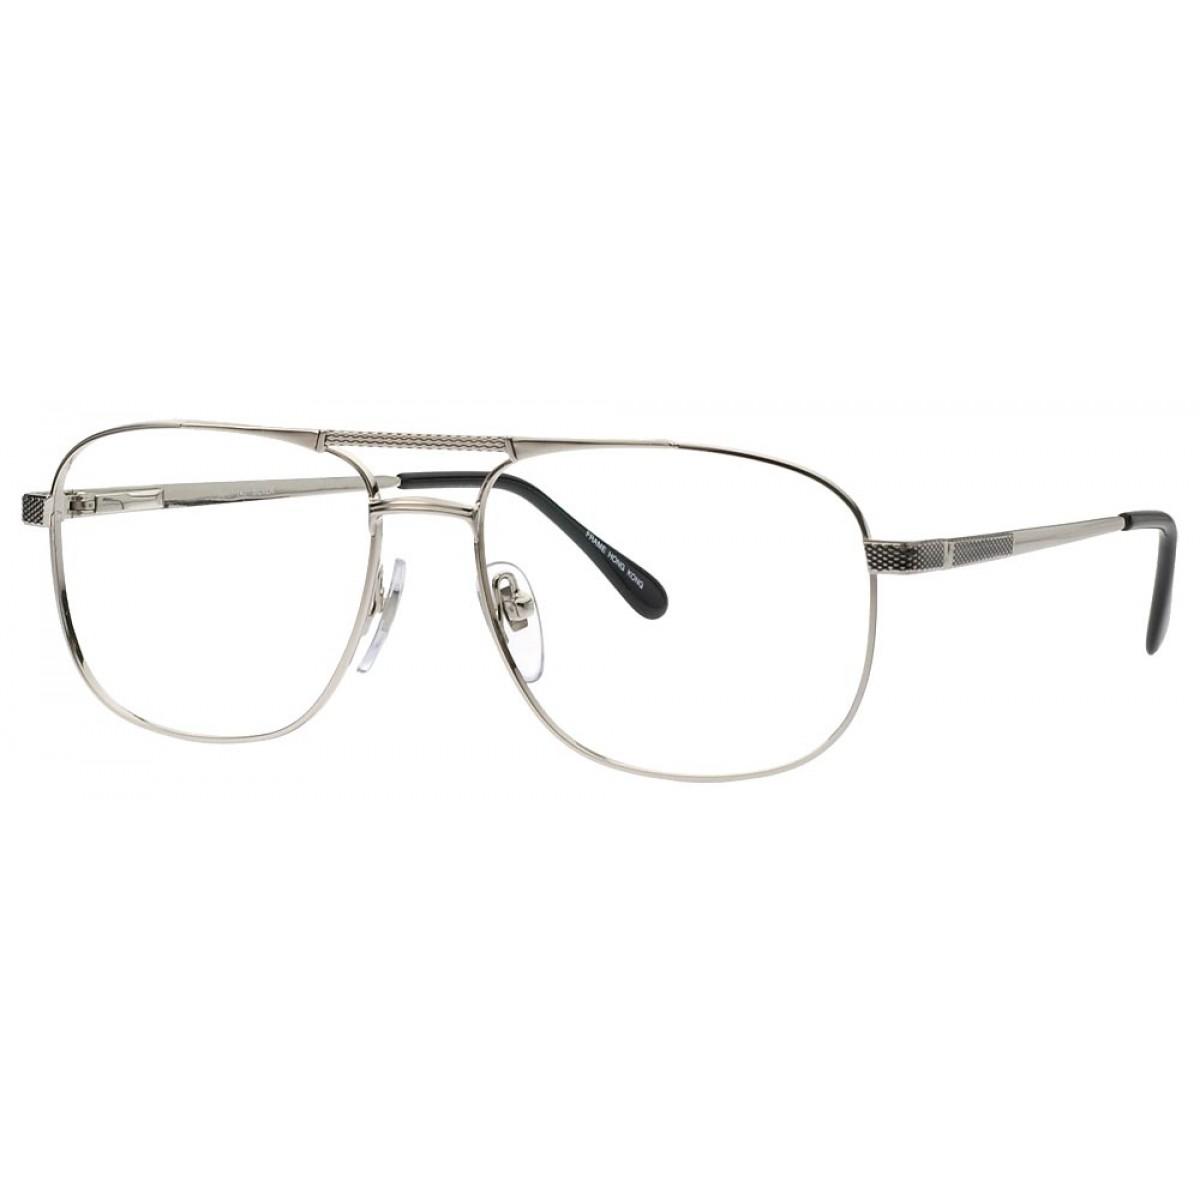 Contoh kacamata frame silver